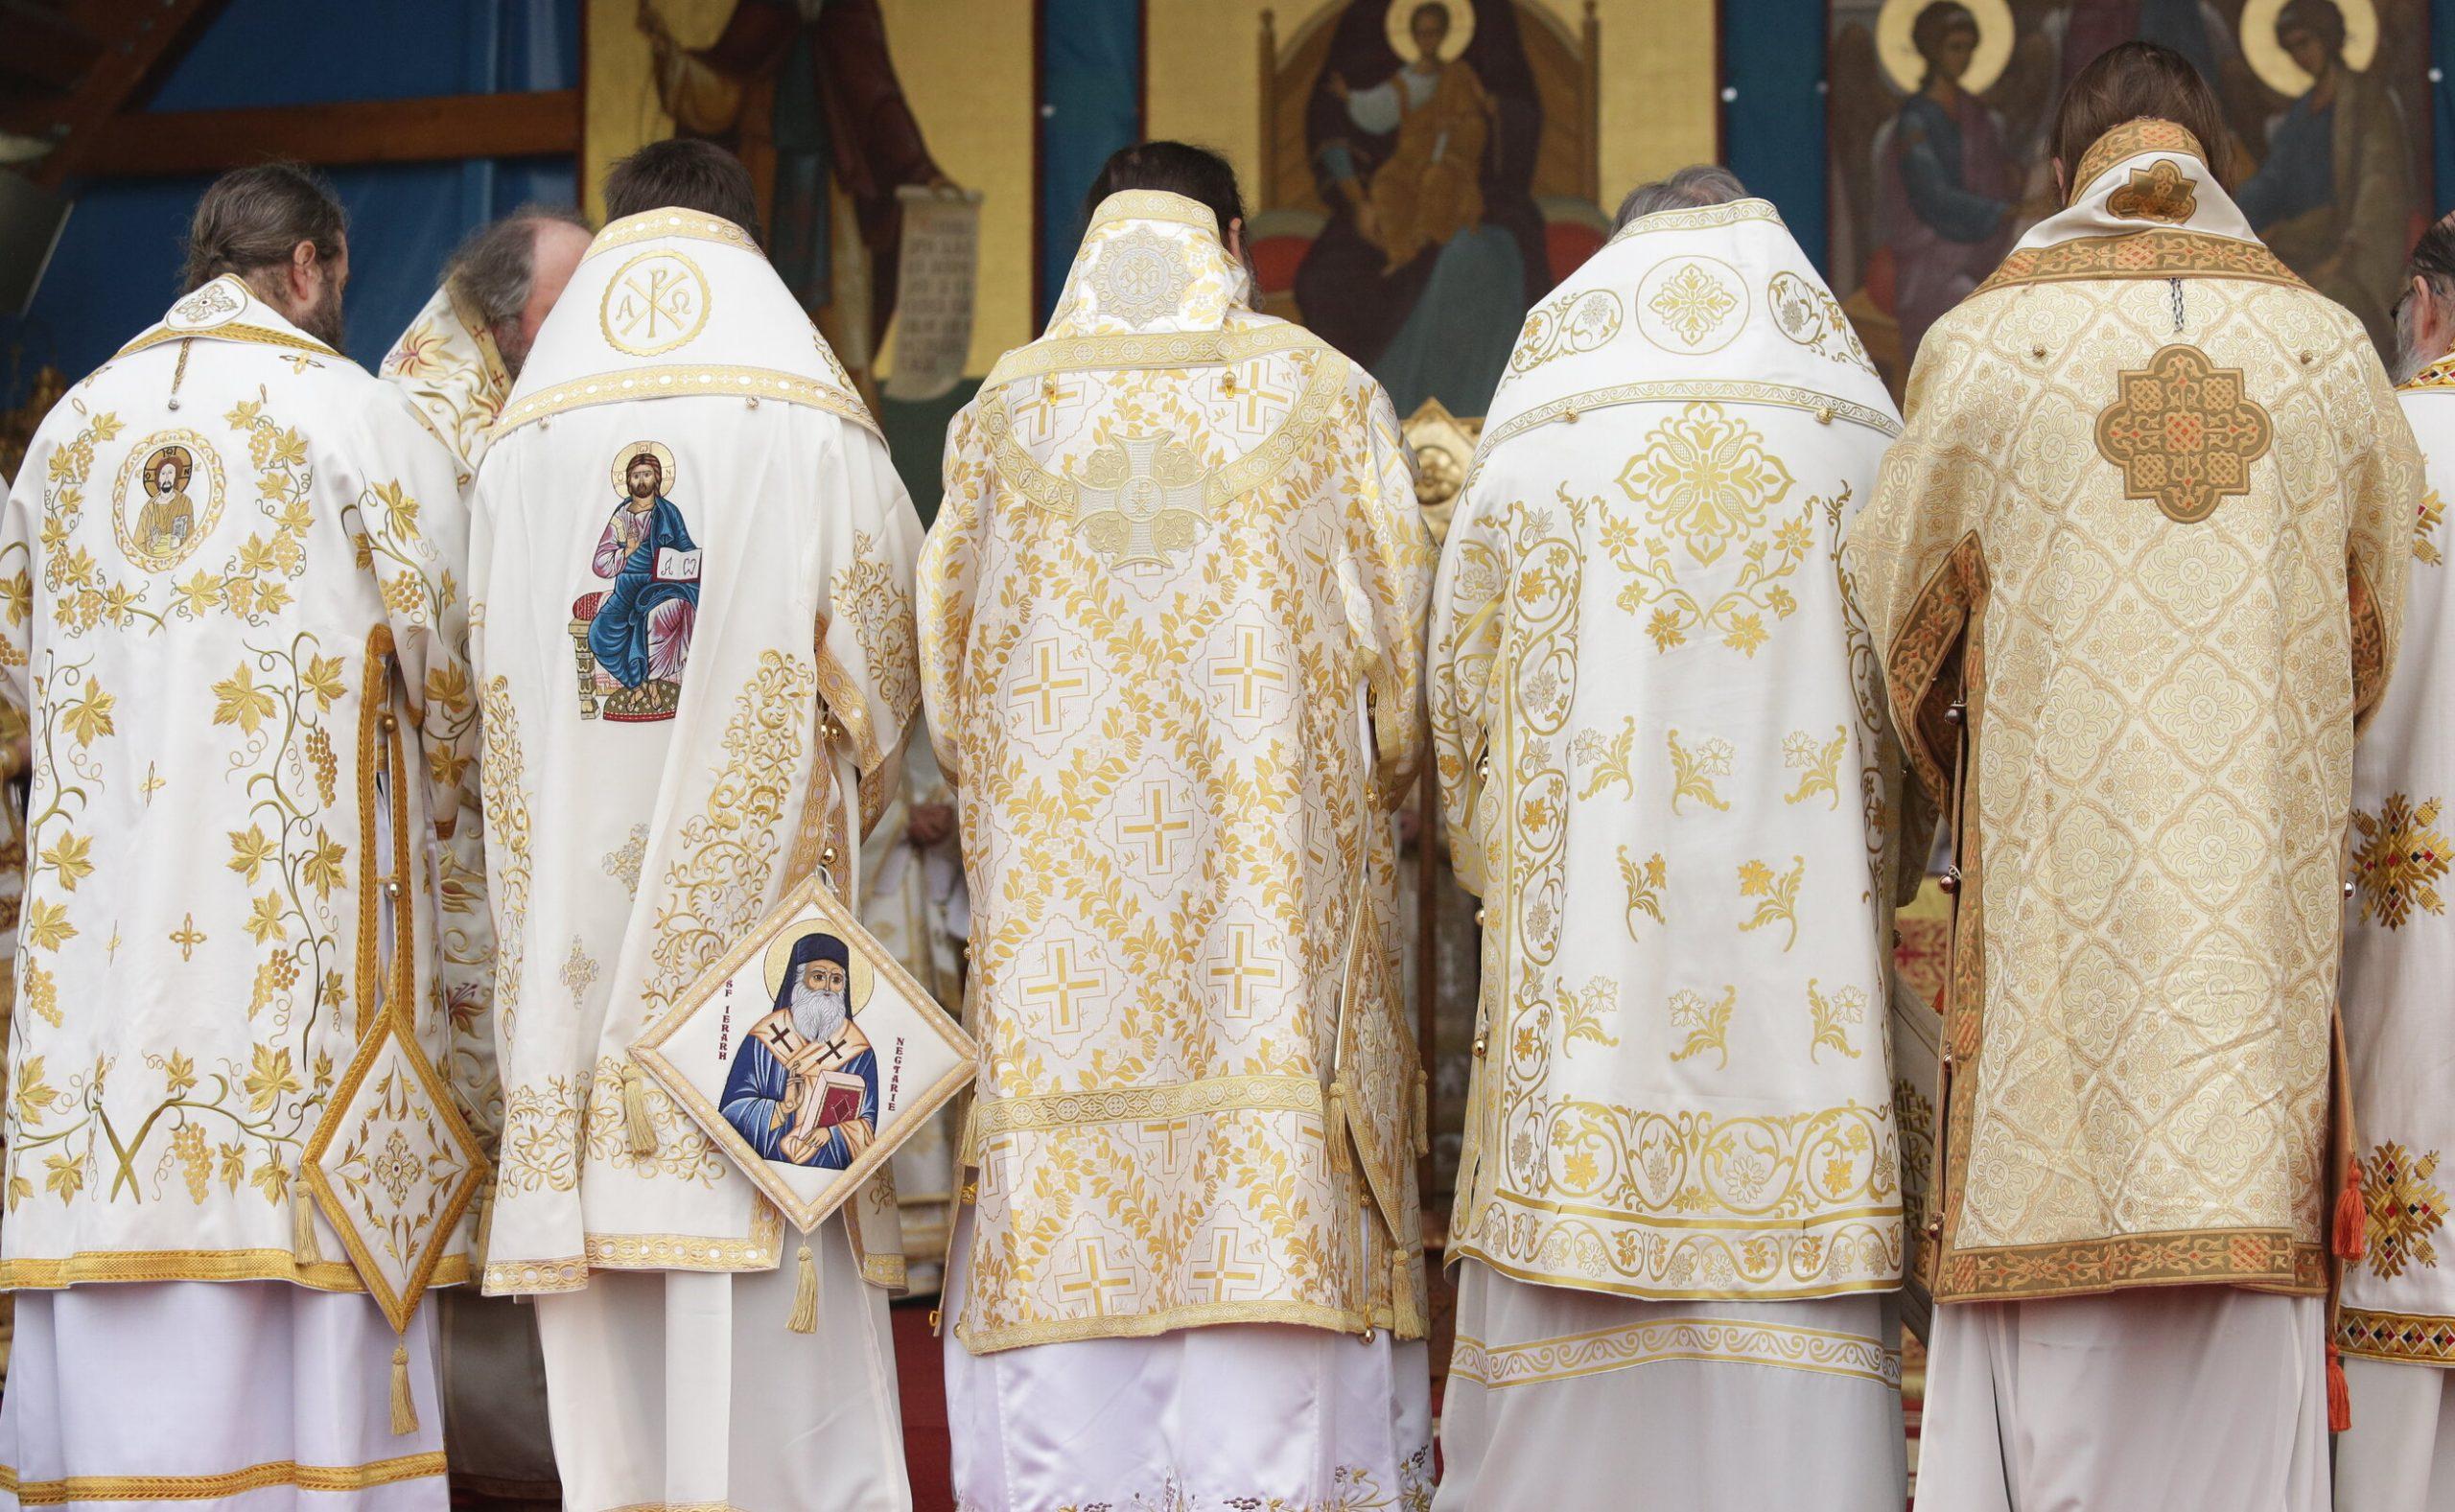 Rolul Bisericii în răspândirea Covid-19. Înalți prelați infectați, după ce au refuzat să suspende slujbele